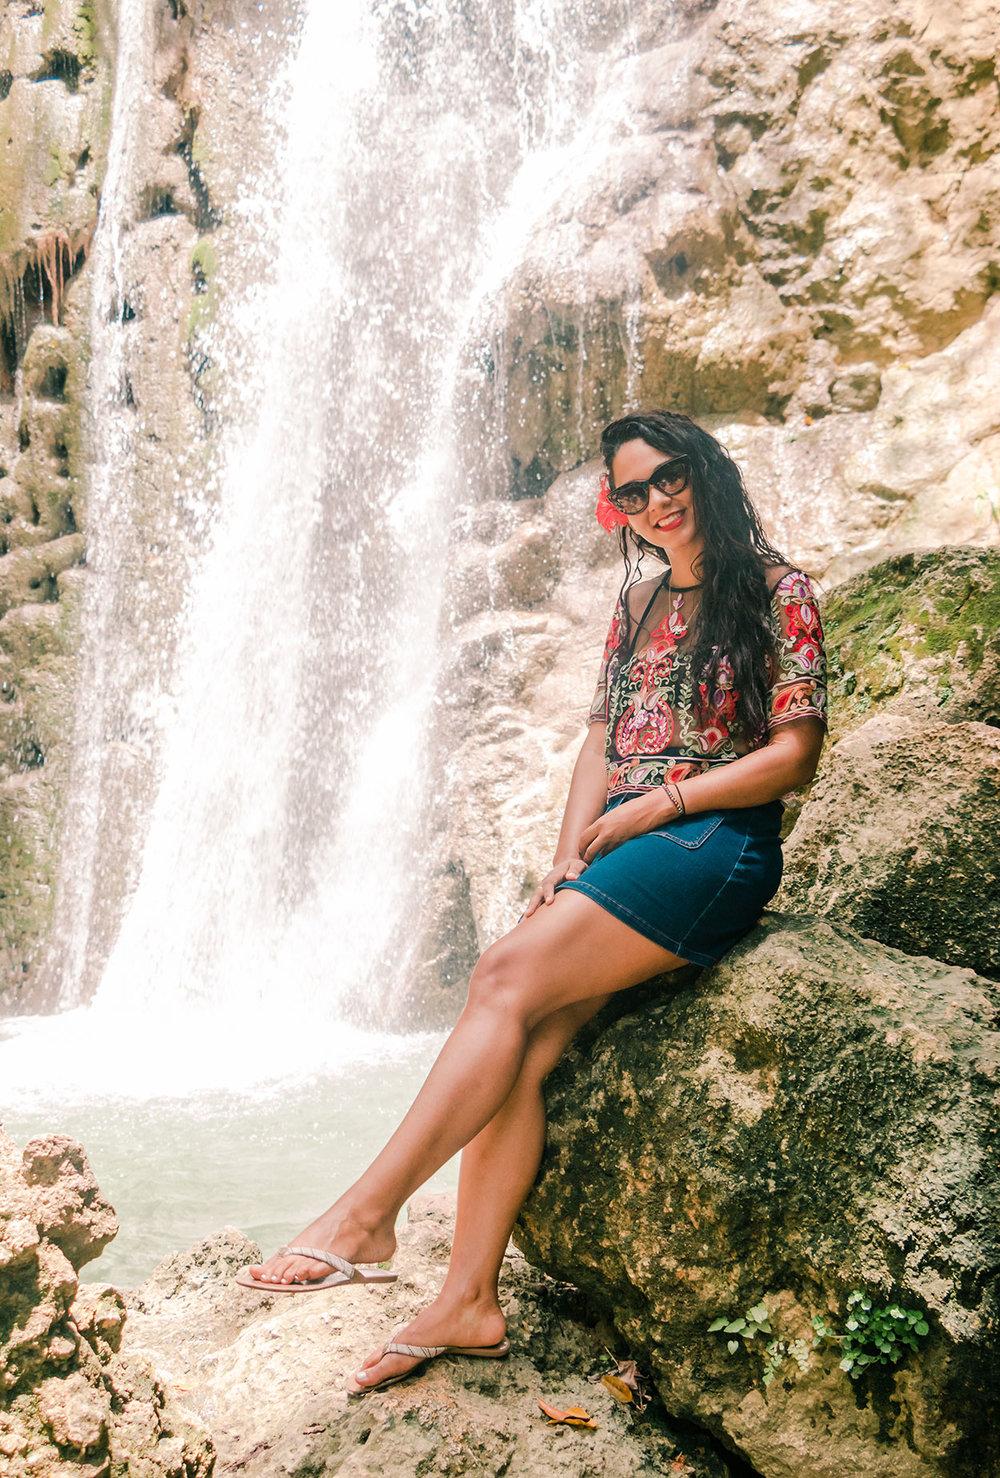 El Saltadero. Esta es nuestra guía completa de viaje a Cabrera y la Laguna Dudú; desde dónde ir, cómo llegar, y presupuesto. Definitivamente, la  República Dominicana lo tiene todo, lo comprobé en este viaje.